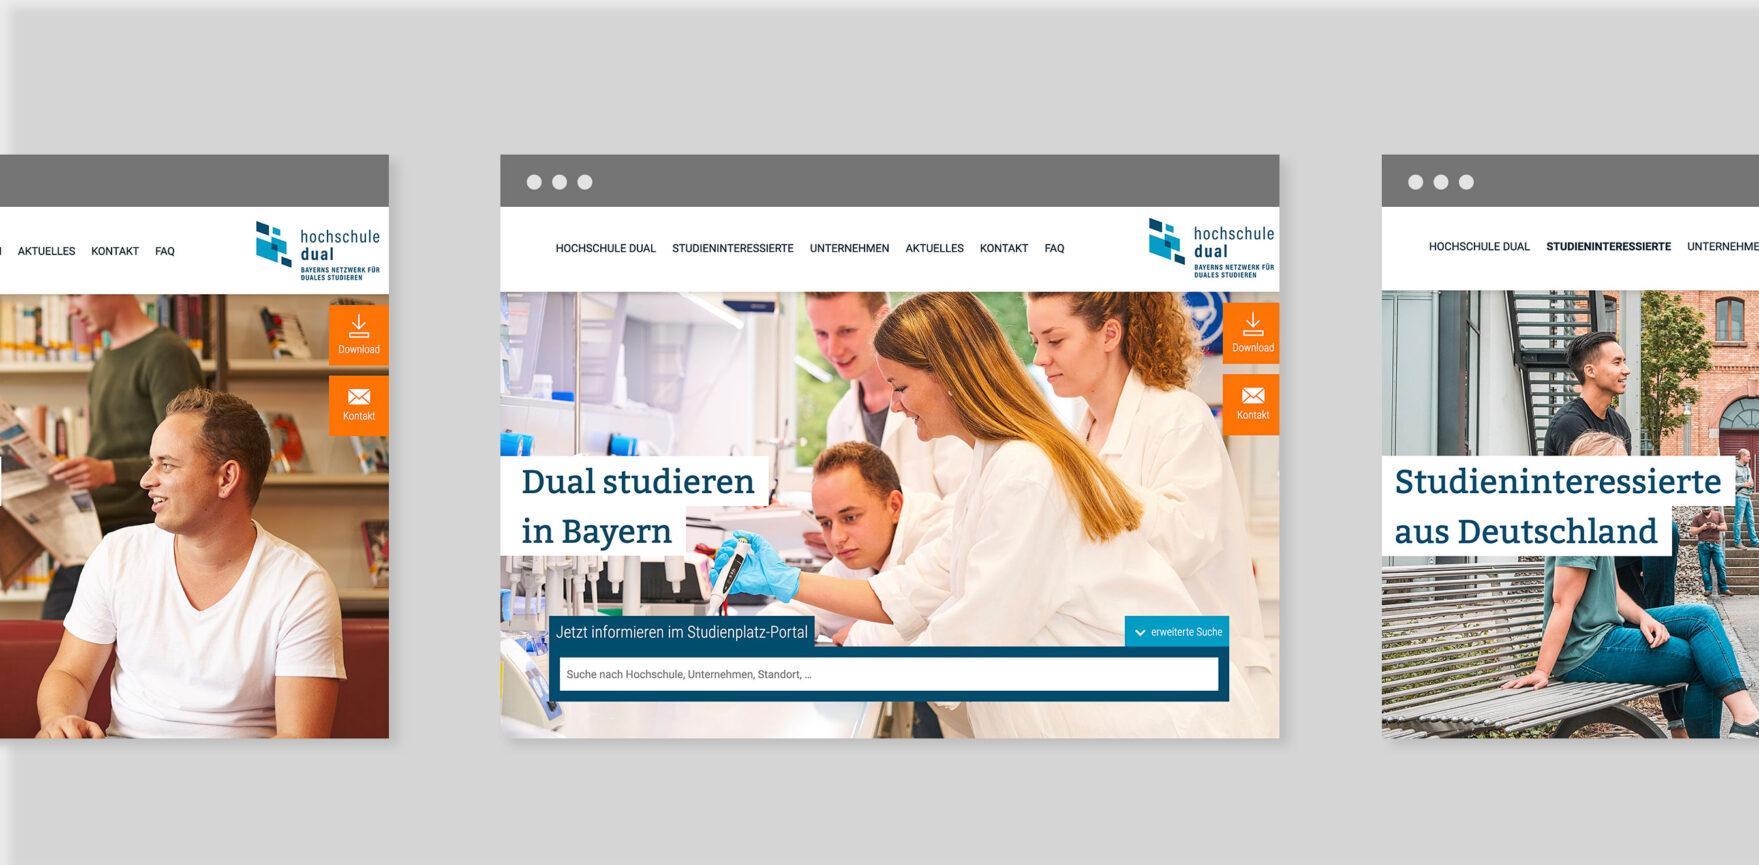 hochschule dual Website Relaunch Webdesign